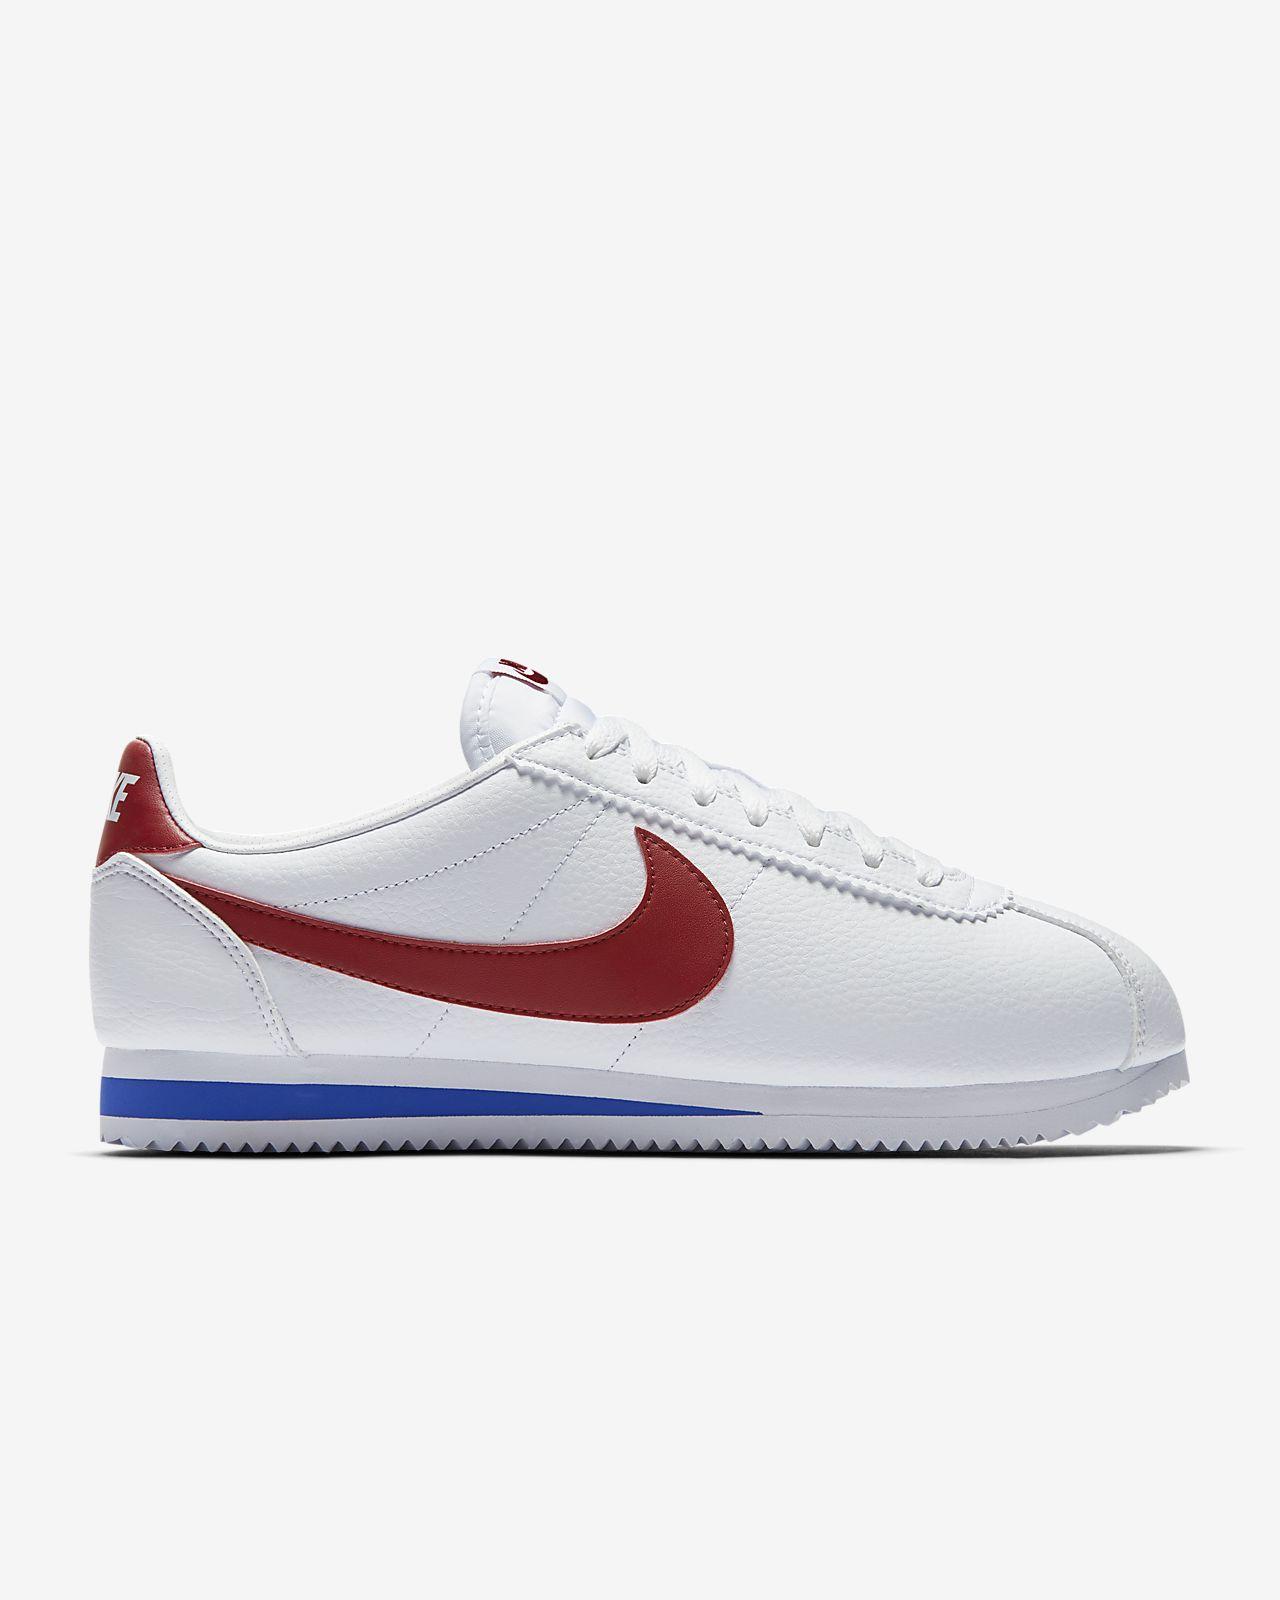 new product 99694 945d1 ... Nike Classic Cortez - sko til mænd